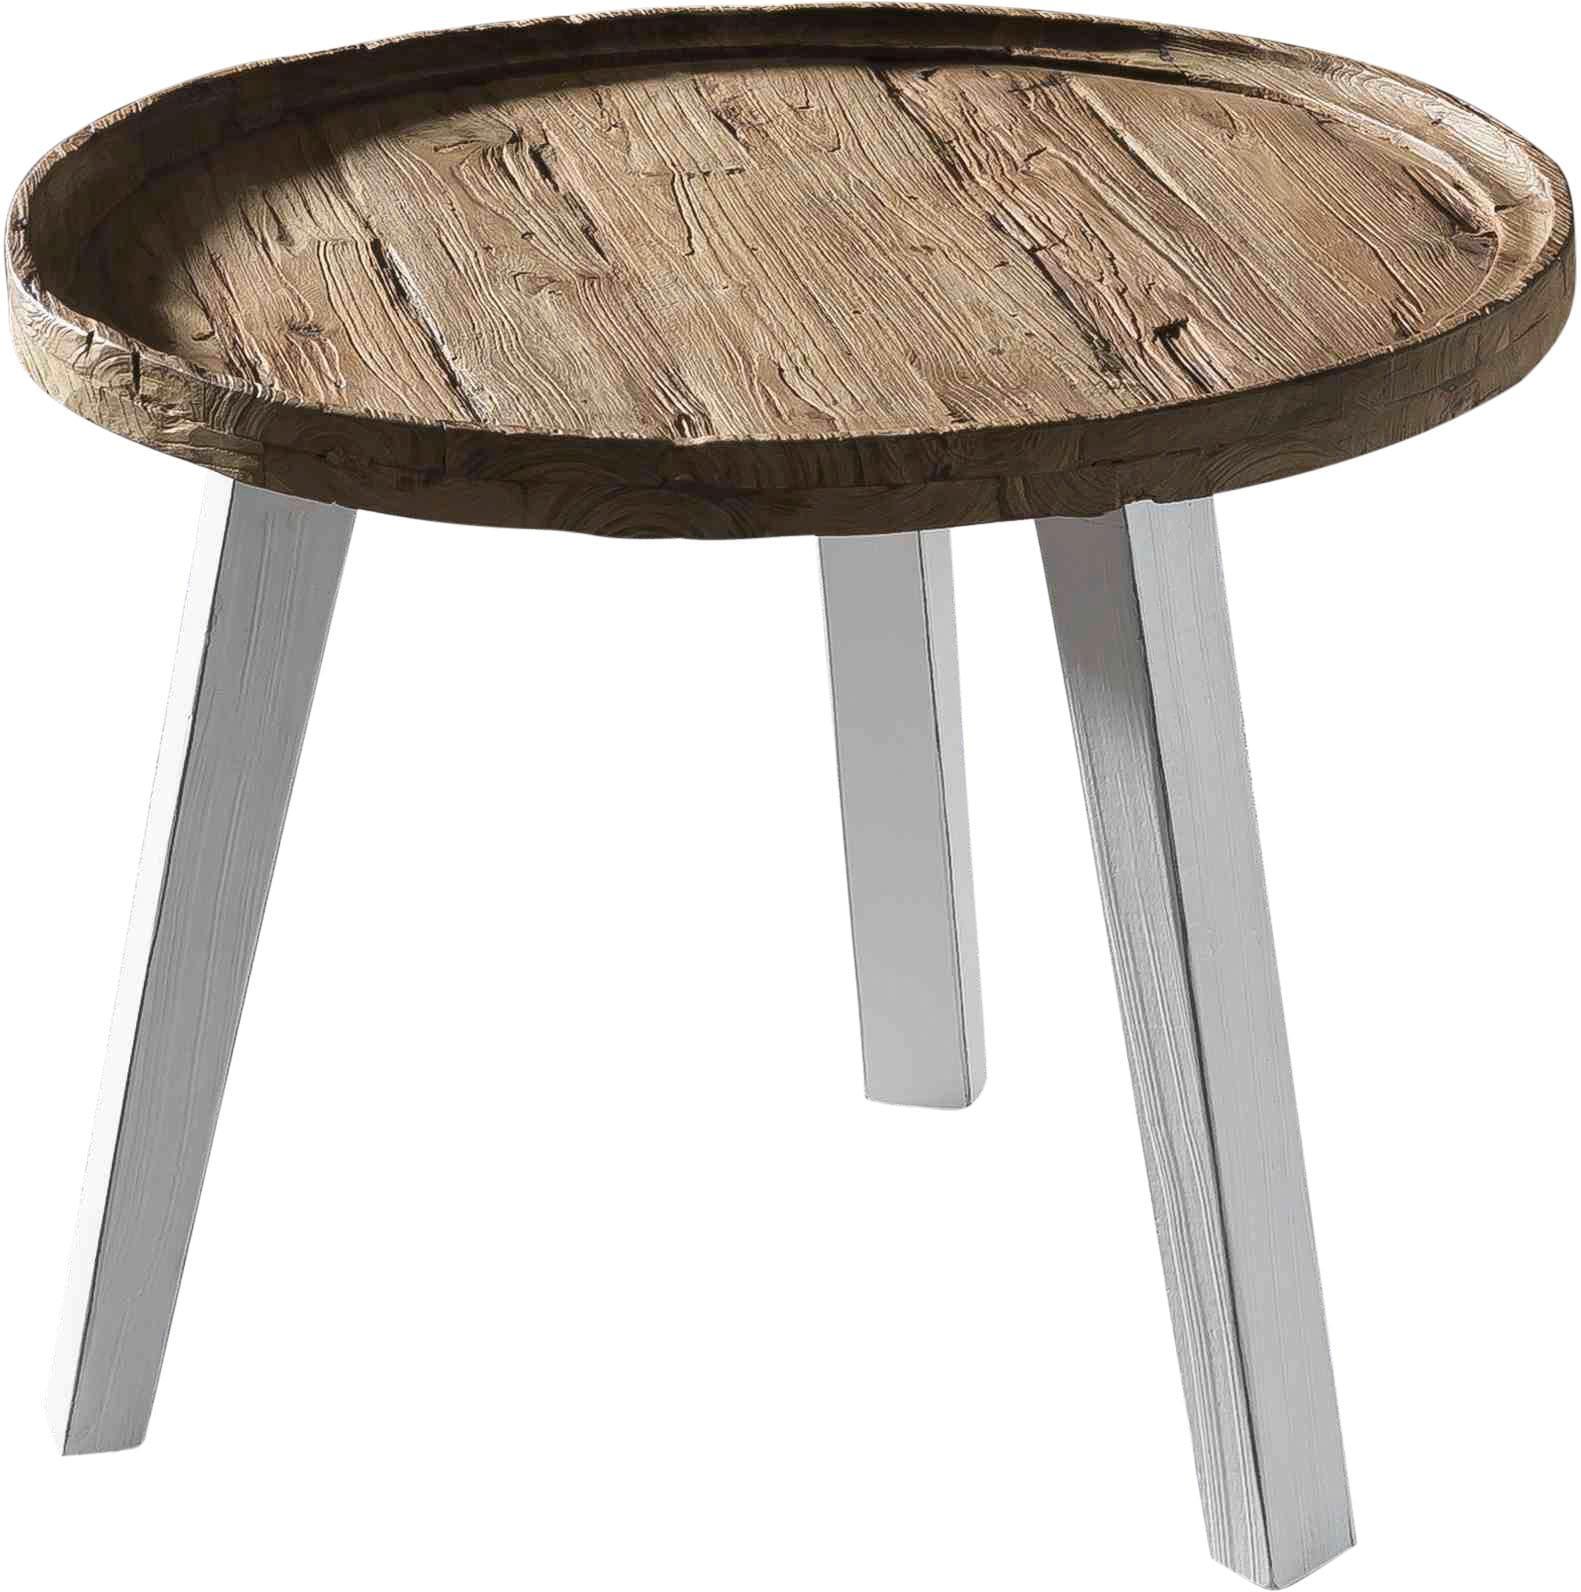 SIT Couchtisch Romanteaka Wohnen/Möbel/Tische/Couchtische/Couchtische rund & oval